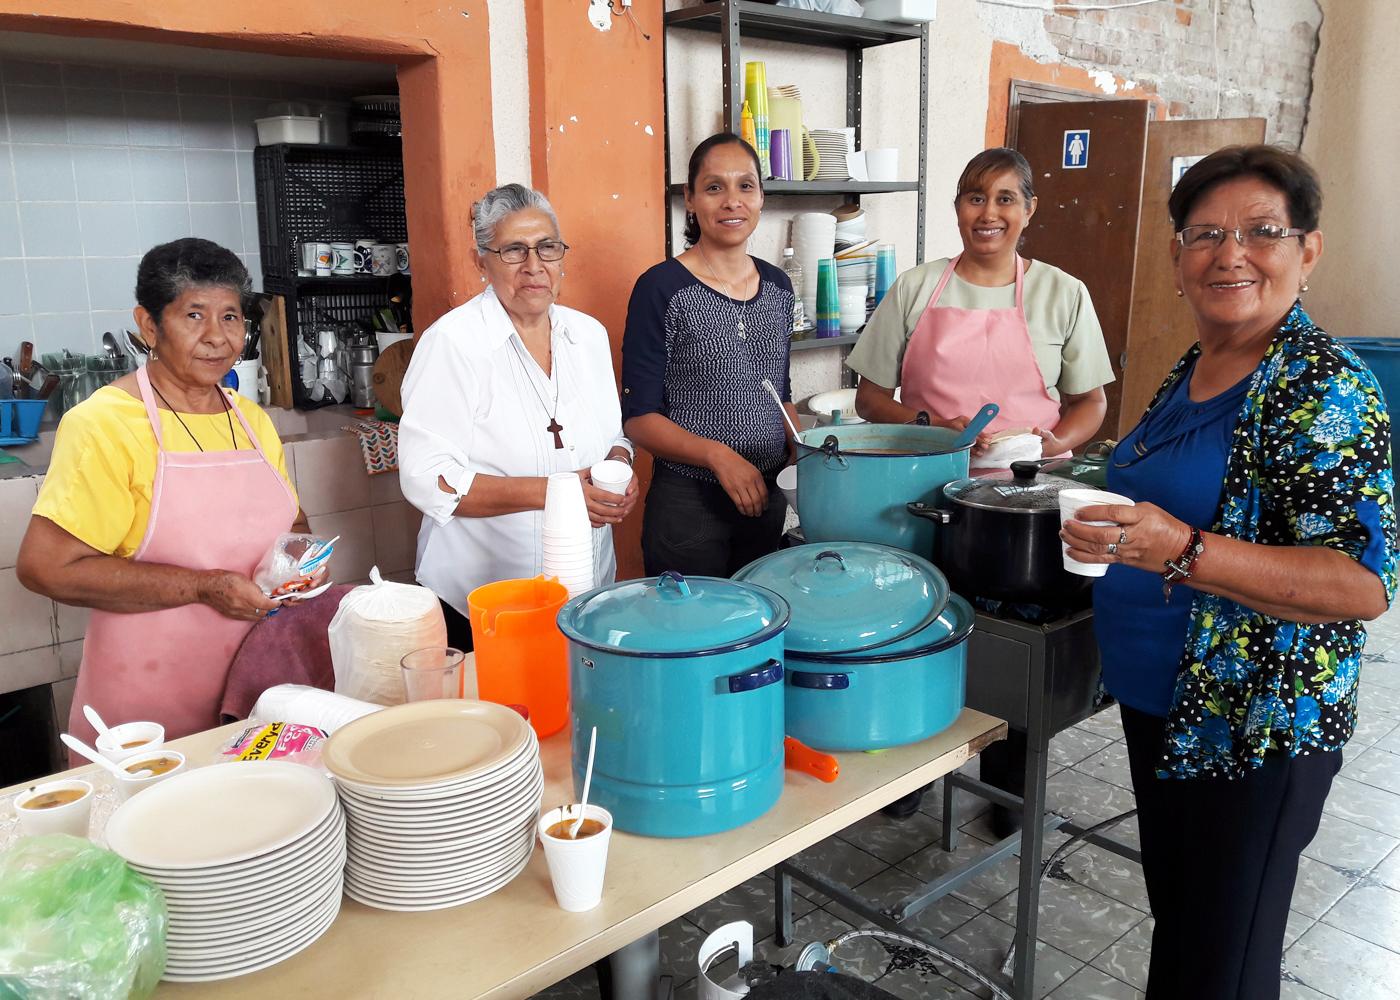 Celebran primer aniversario de comedor comunitario el for Proyecto de comedor comunitario